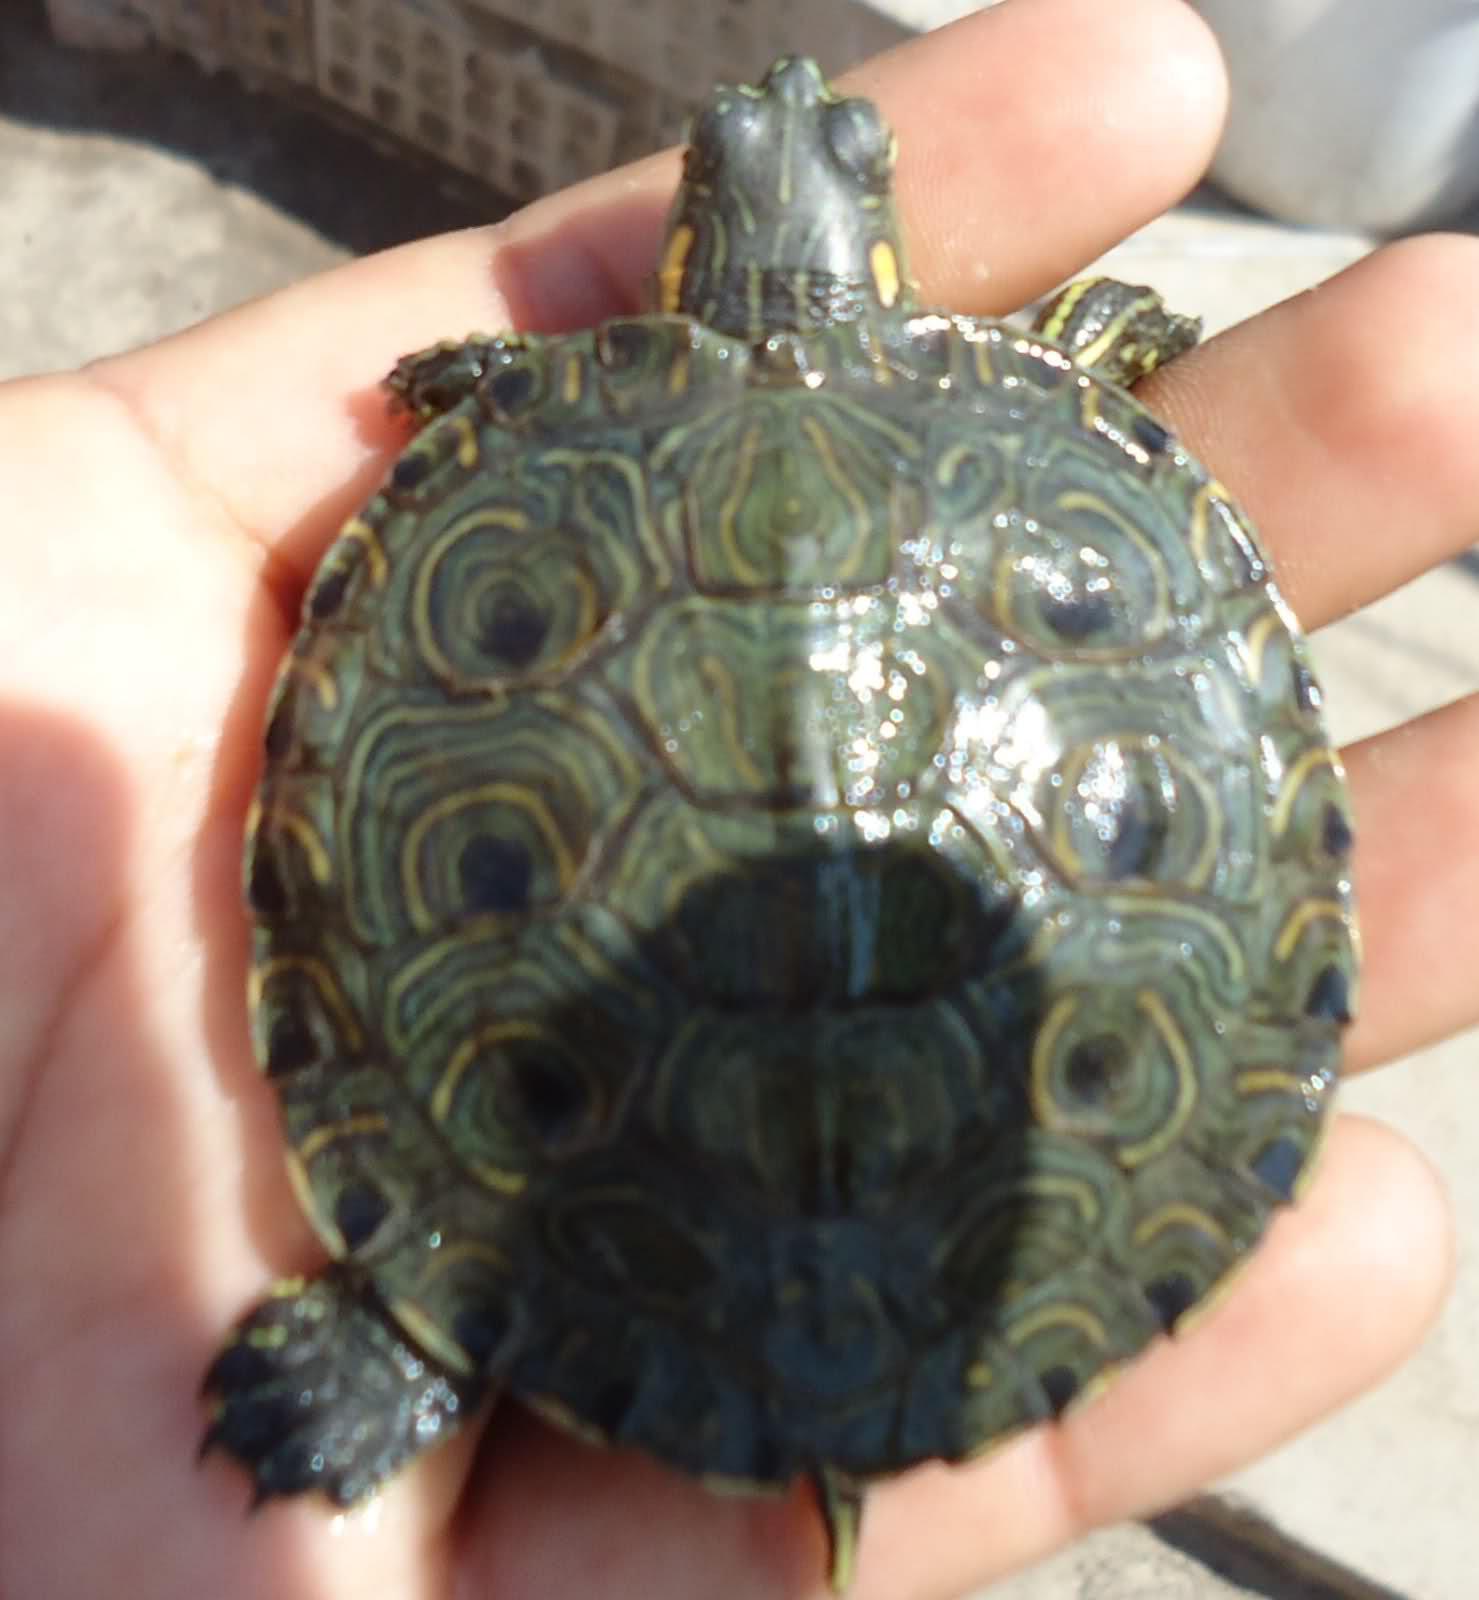 ¿Qué tortuga es? 2c0n0l